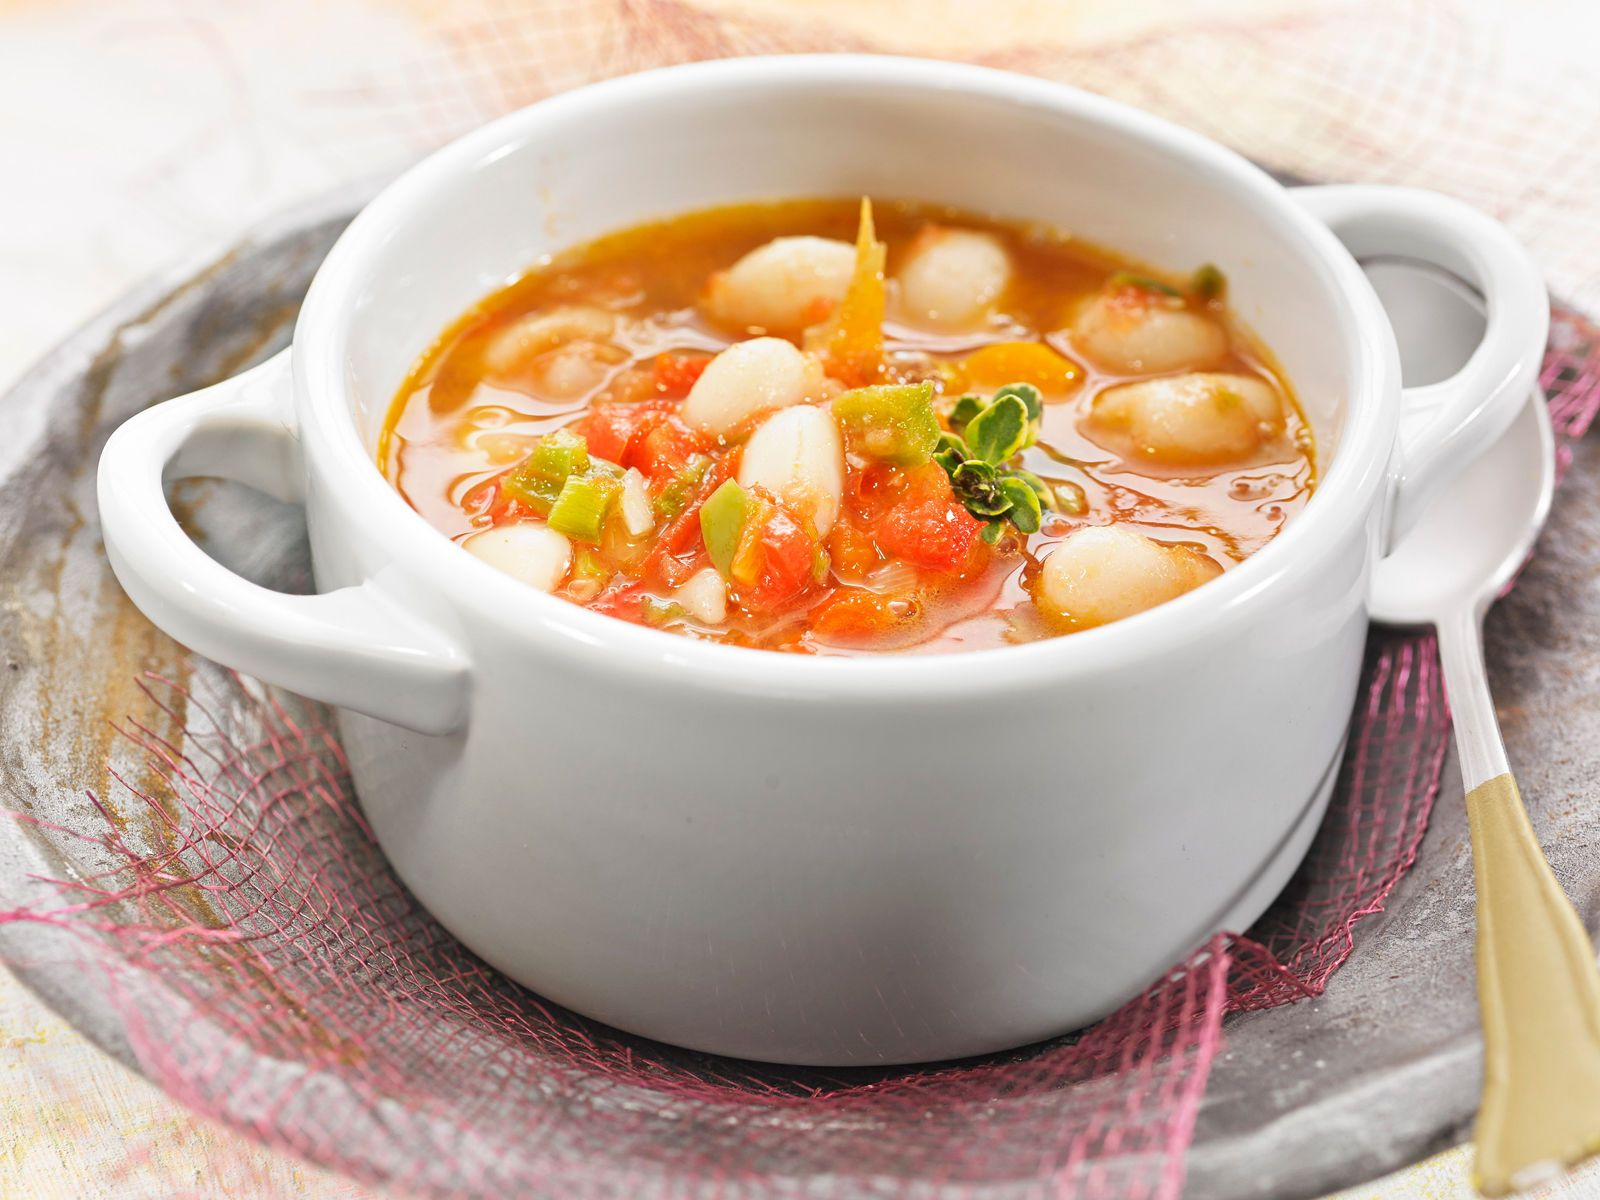 La soupe espagnole de mamie recette soupes recettes - La cuisine espagnole expose ...